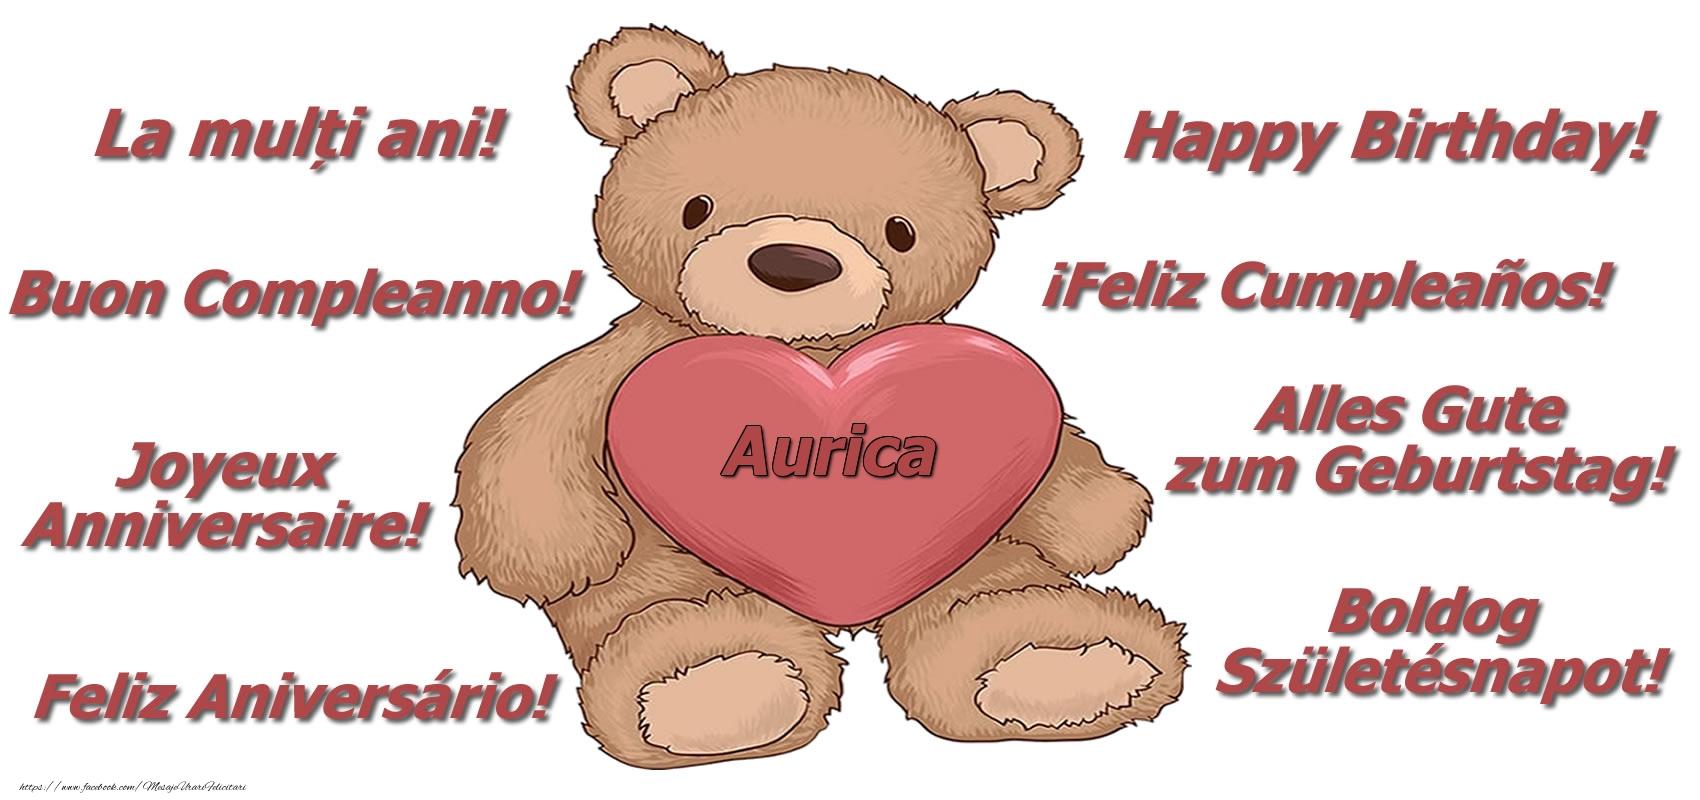 Felicitari de zi de nastere - La multi ani Aurica! - Ursulet